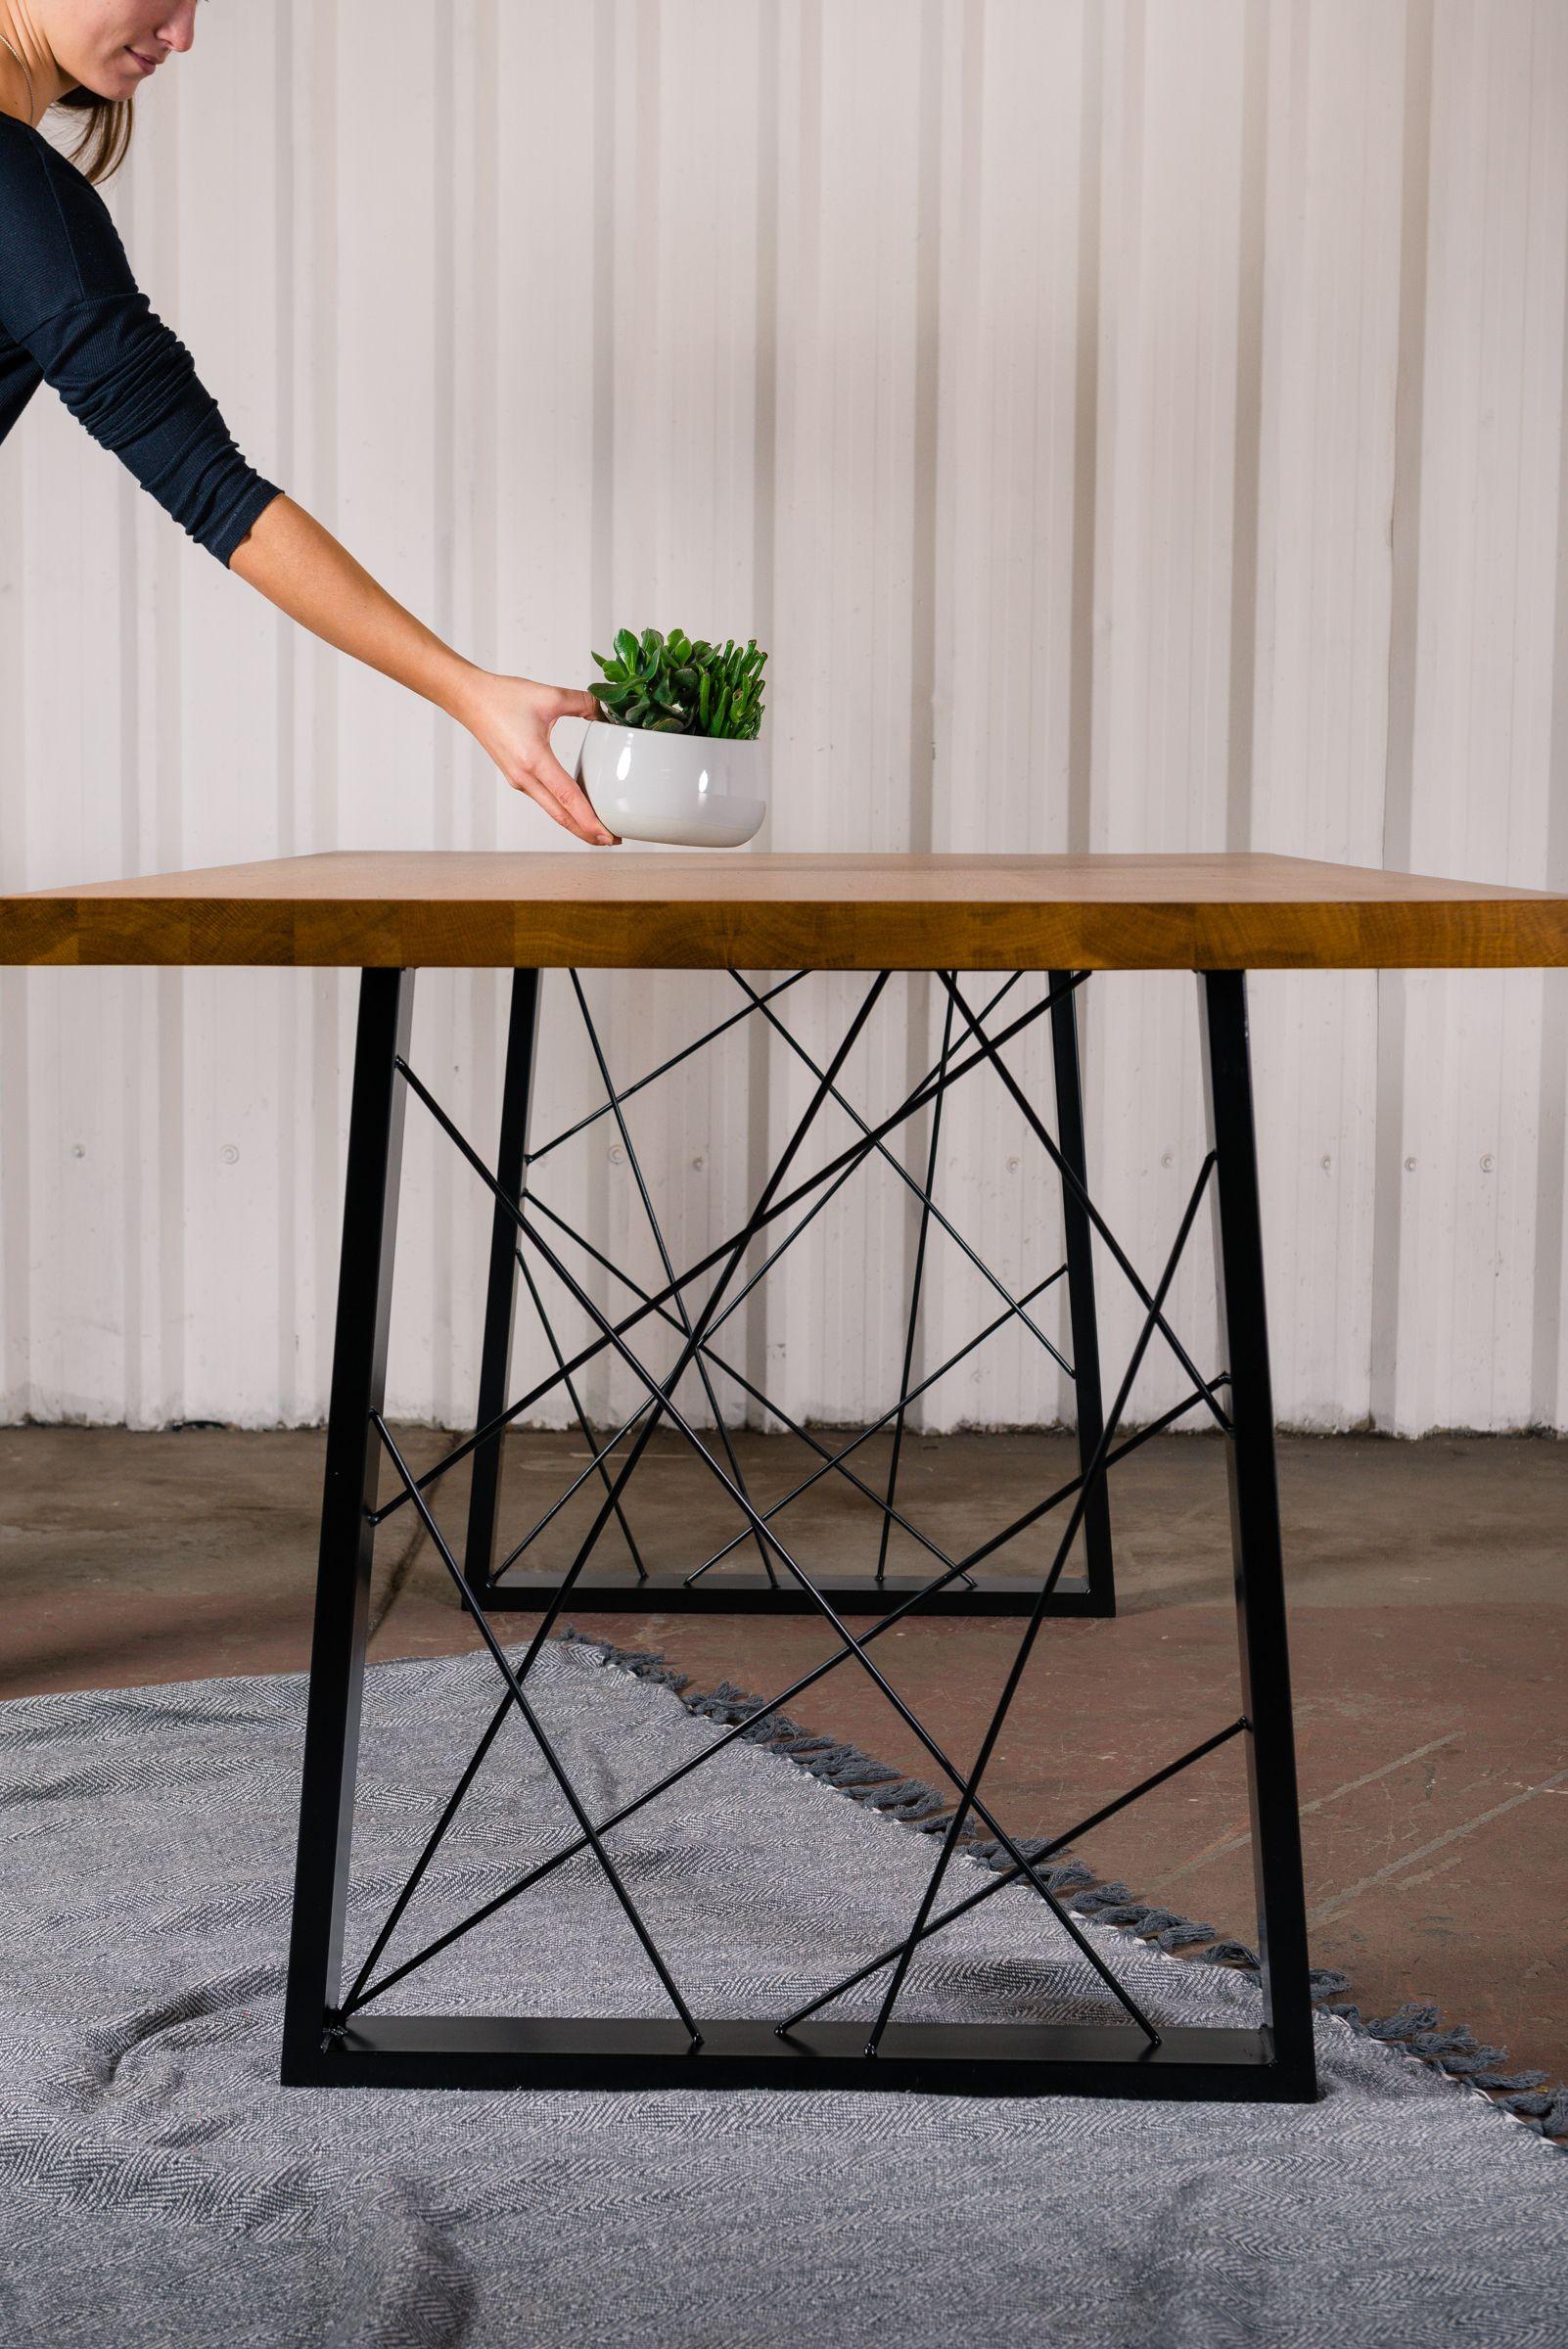 Jinyifan Metal Table Leg Trapezium, leg base